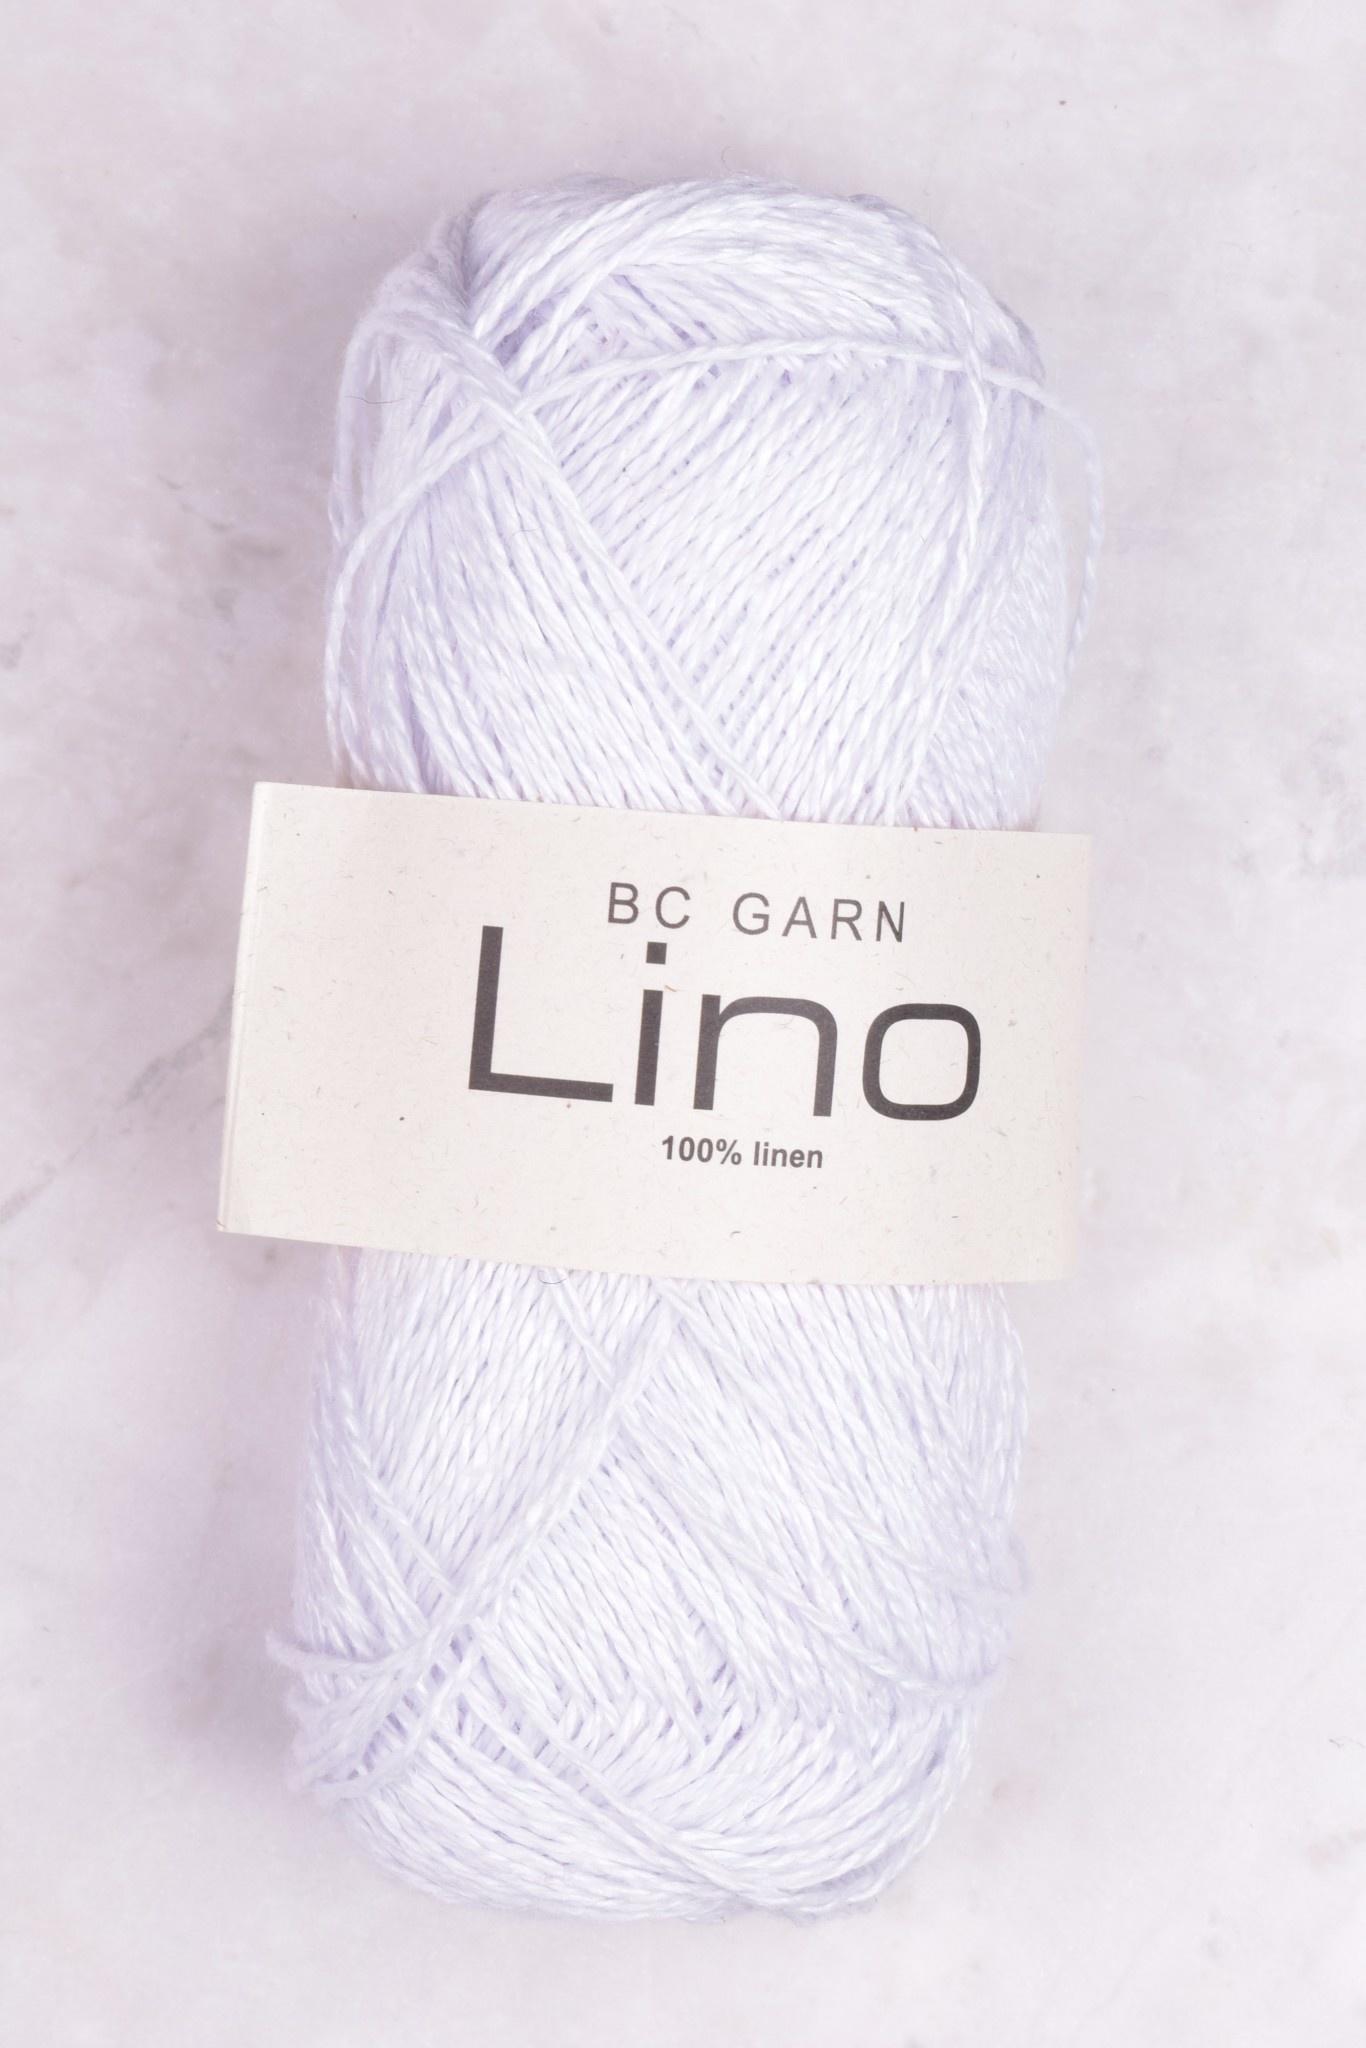 Image of BC Garn Lino 30 Pure White